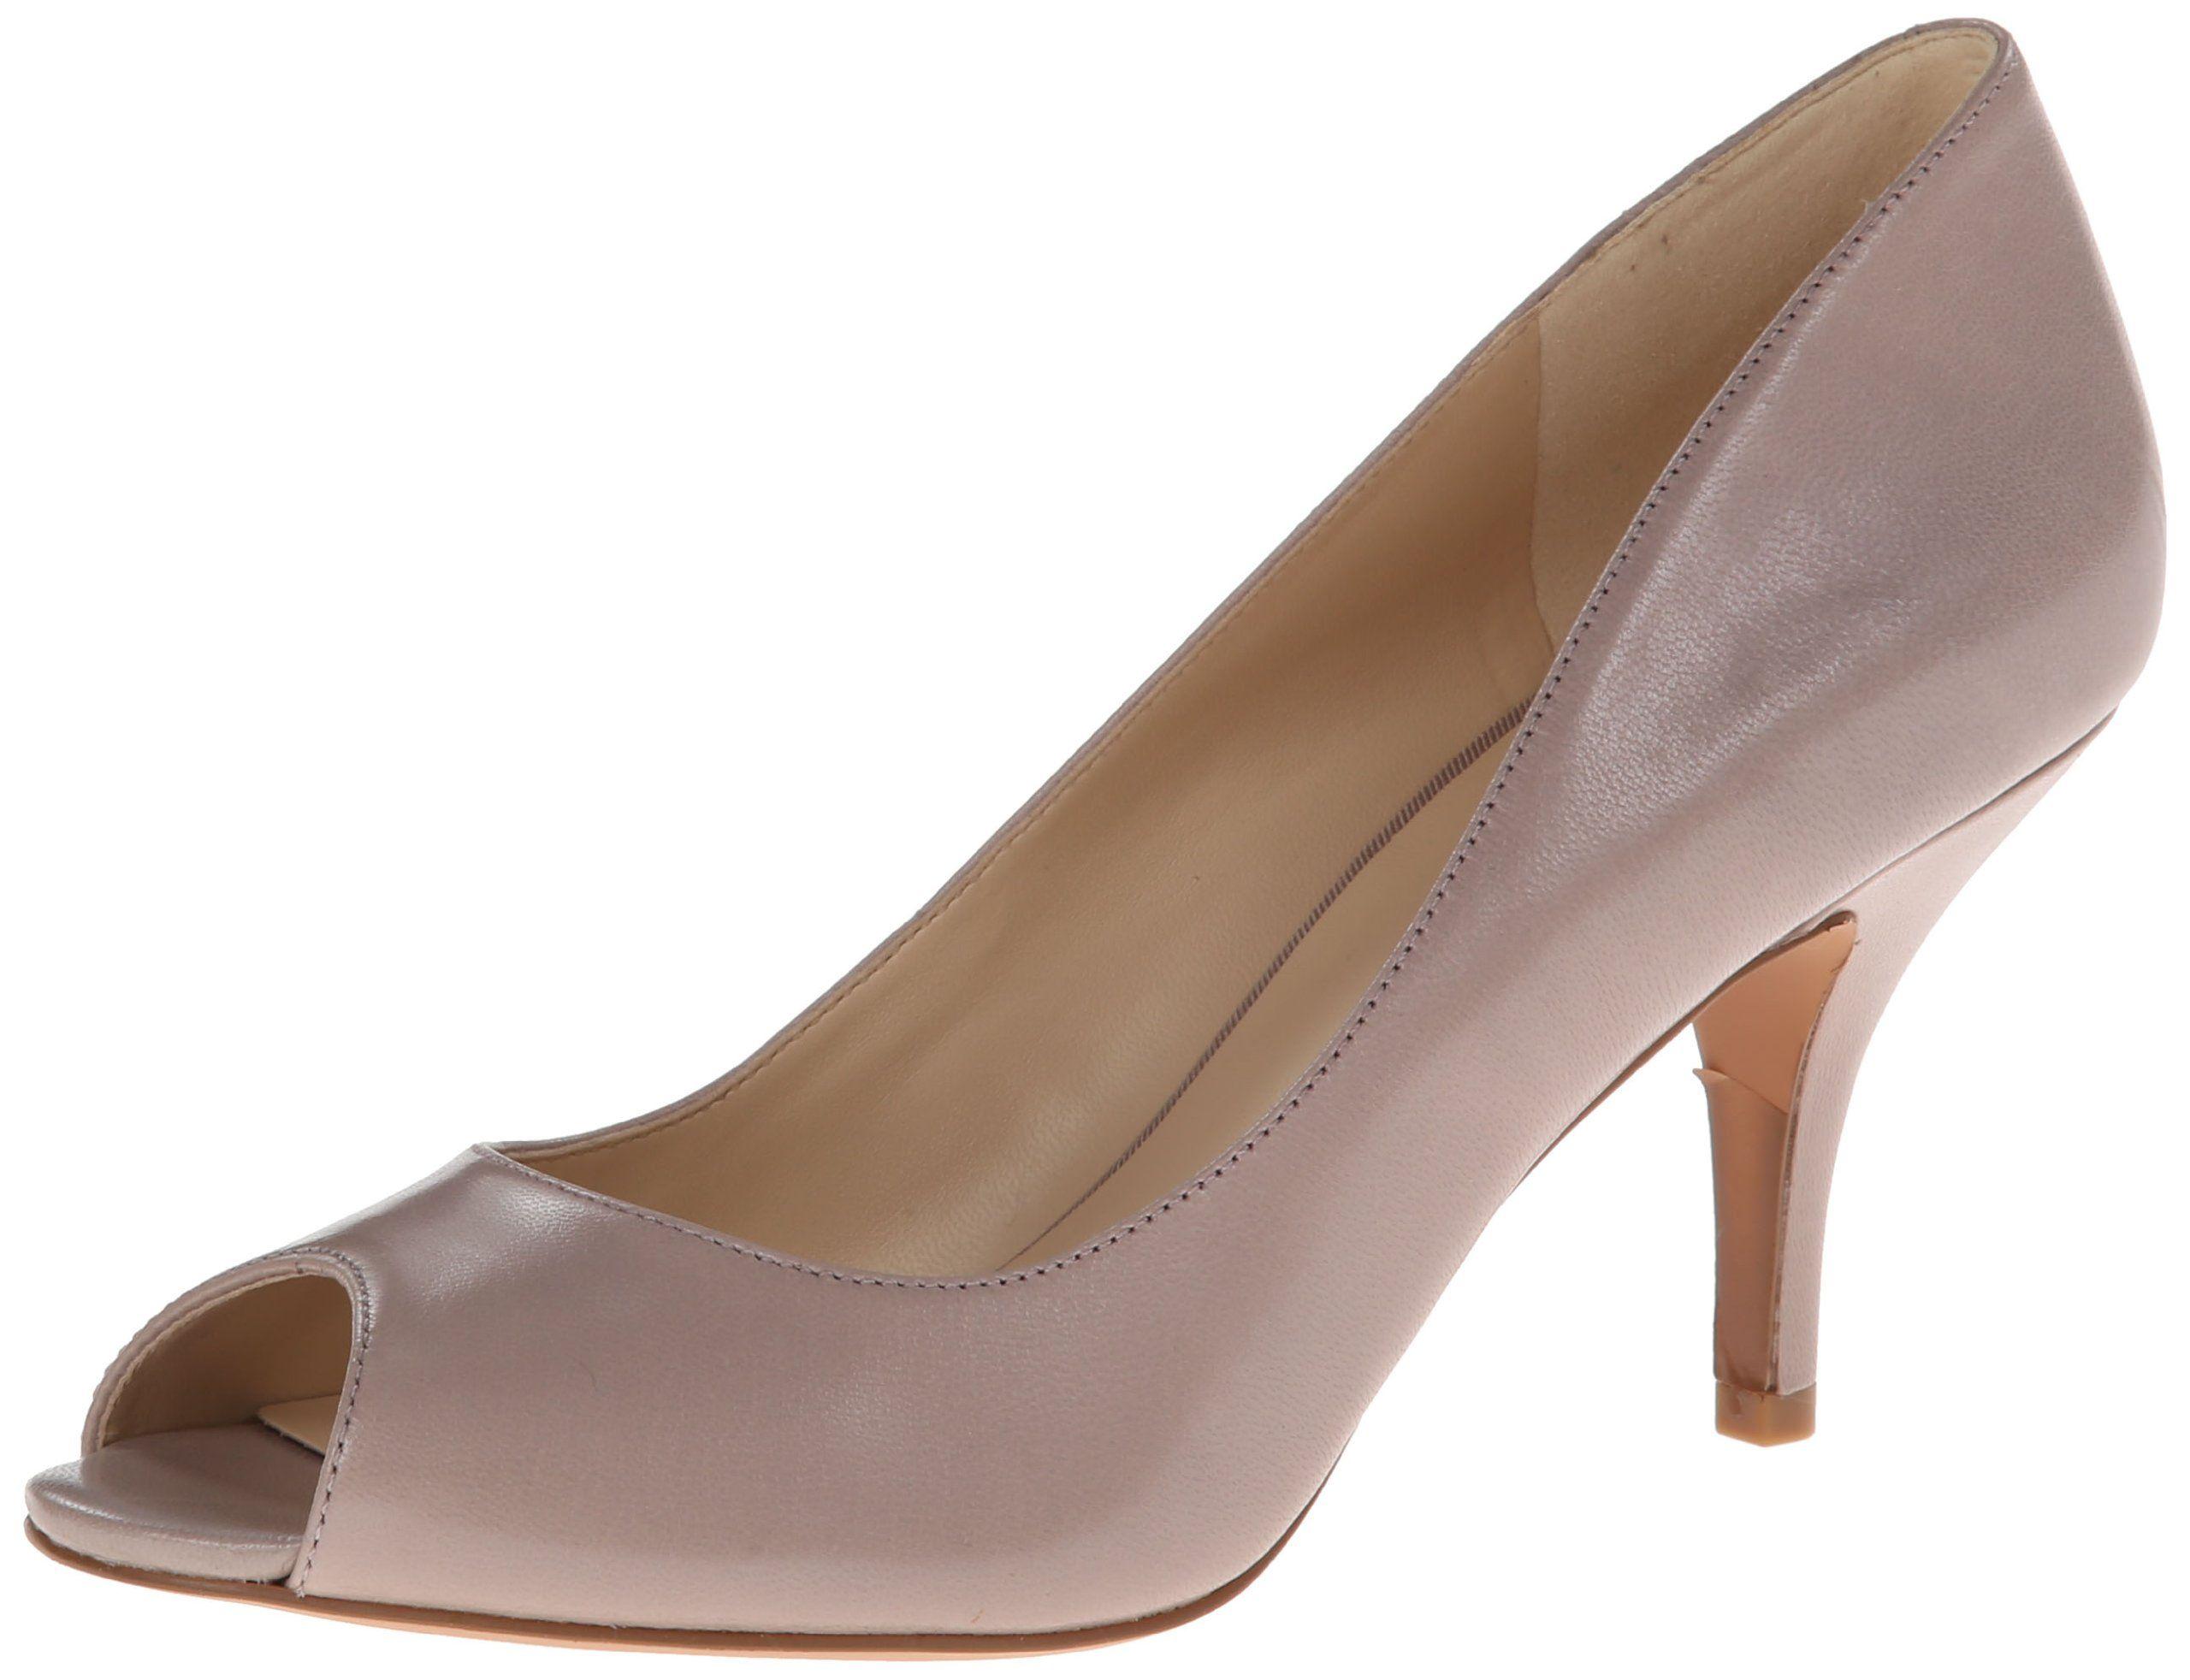 817d7971eb Nine West Women's Orissa Leather Dress Pump | Shoes | Leather ...